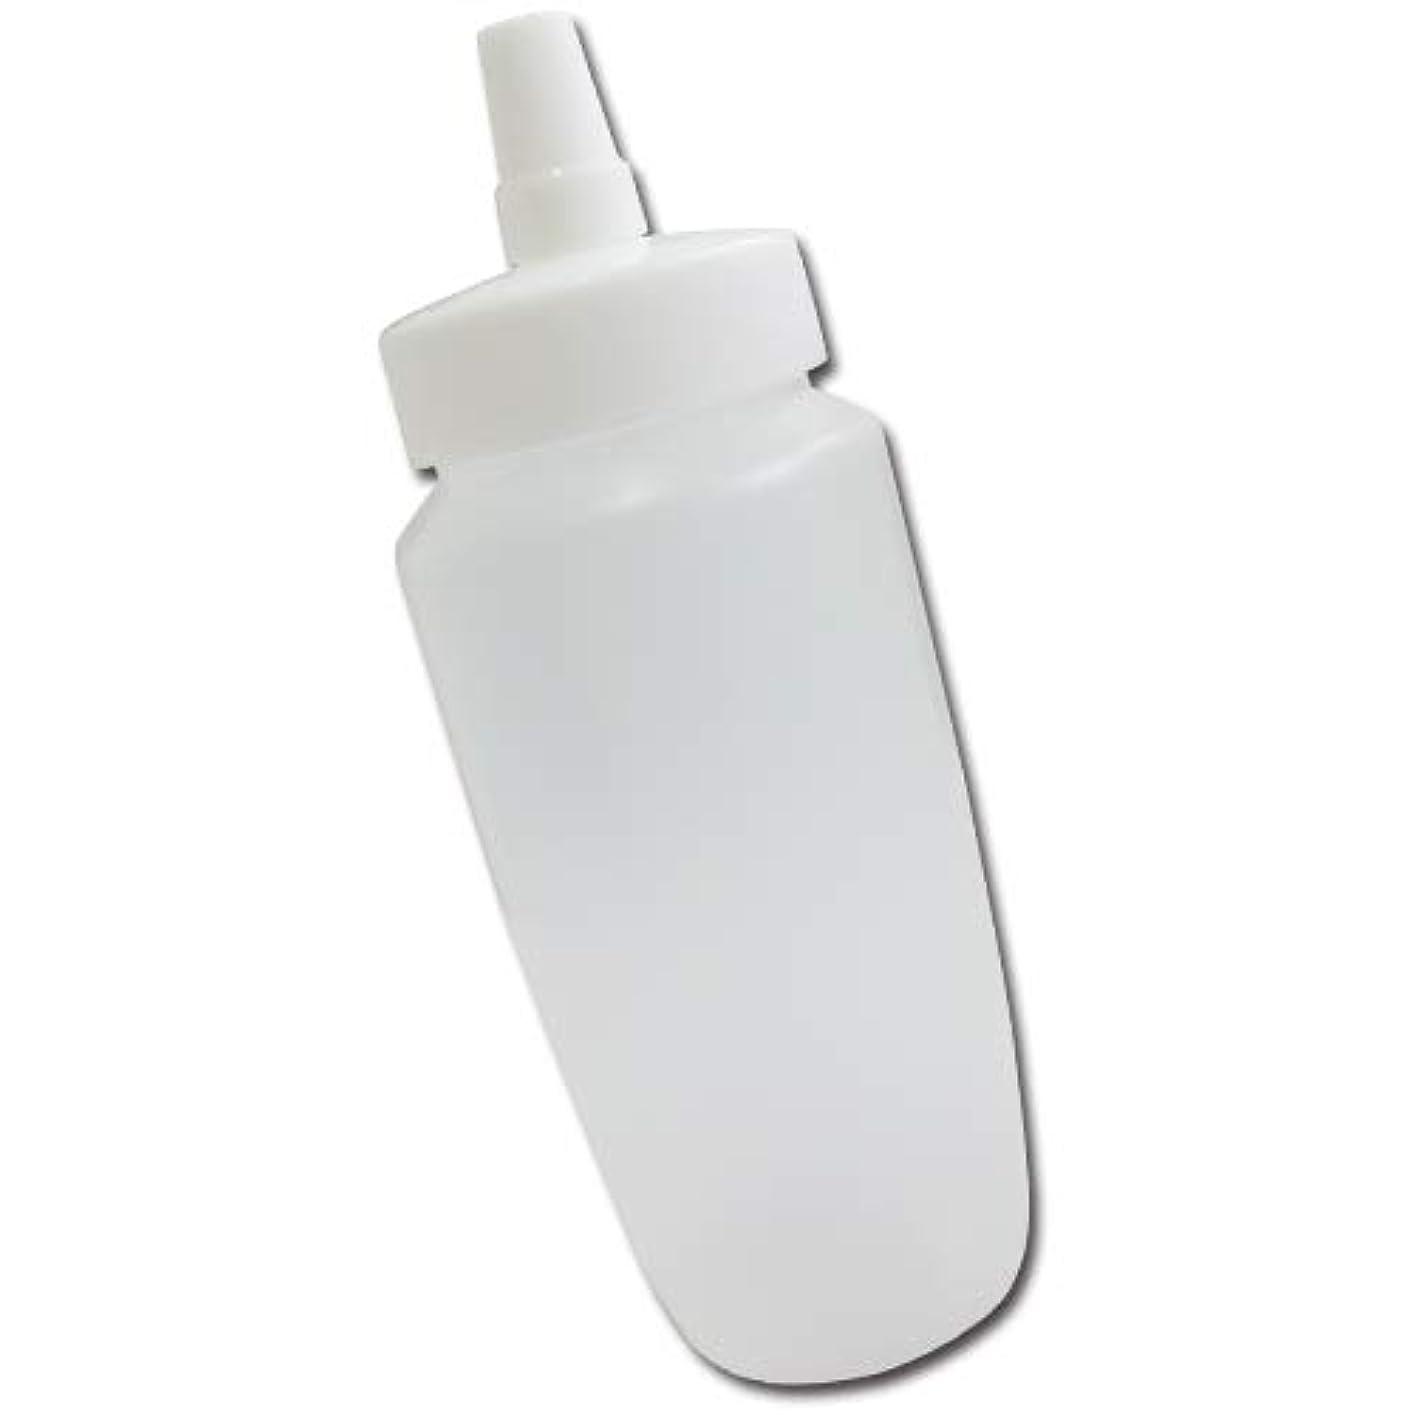 提供された用心比類のないはちみつ容器360ml(ホワイトキャップ)│業務用ローションや調味料の小分けに詰め替え用ハチミツ容器(蜂蜜容器)はちみつボトル